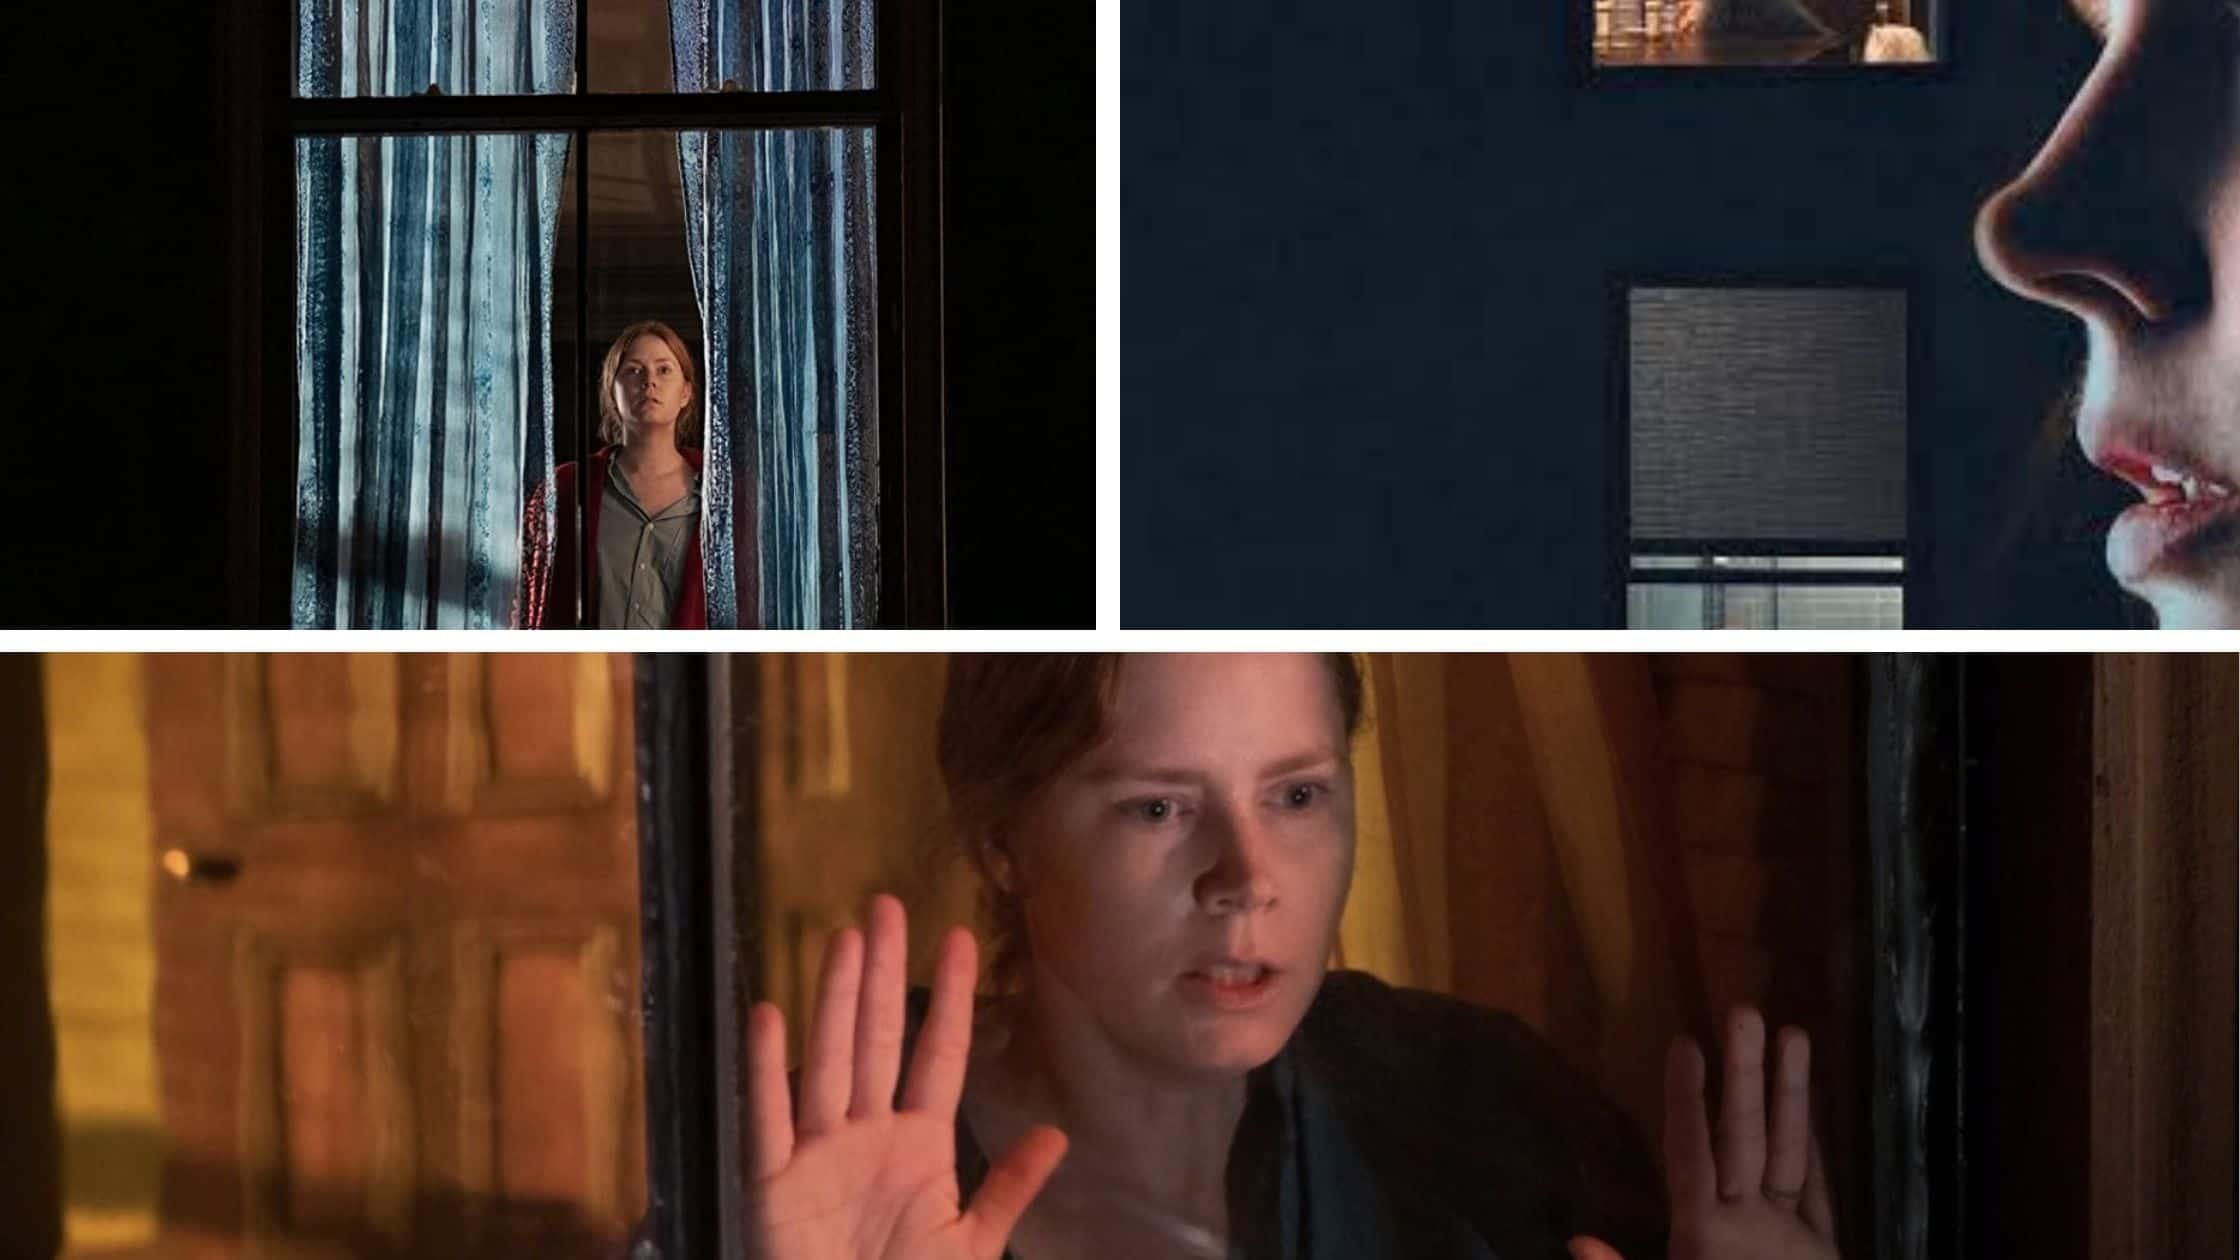 Analisi-linguaggio-simbolico-le-finestre-film-Netflix-la-donna-alla-finestra-blog-il-Biondino-della-Spider-Rossa-Crimine-Giustizia-Media-ProsMedia-Agenzia-Corte&Media